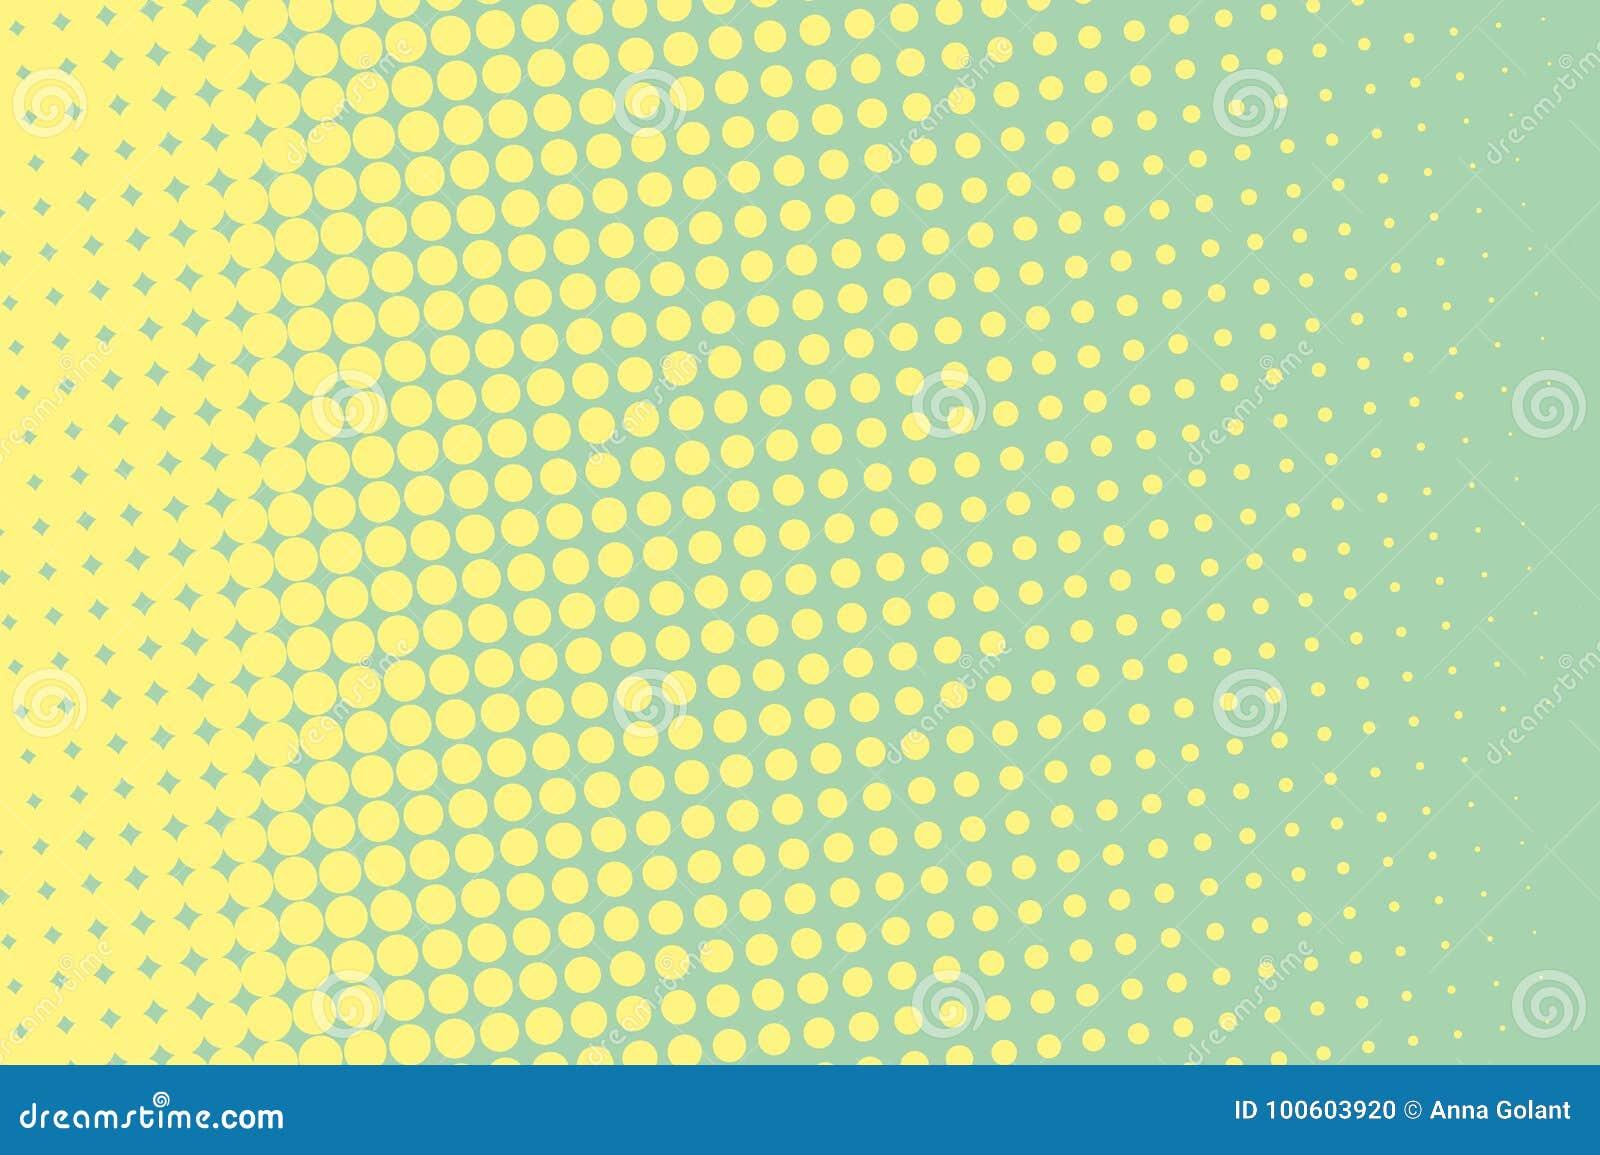 ανασκόπησης ημίτονο απεικόνισης διάνυσμα κειμένων λογότυπων διαστημικό Κωμικό διαστιγμένο σχέδιο Λαϊκό αναδρομικό ύφος τέχνης